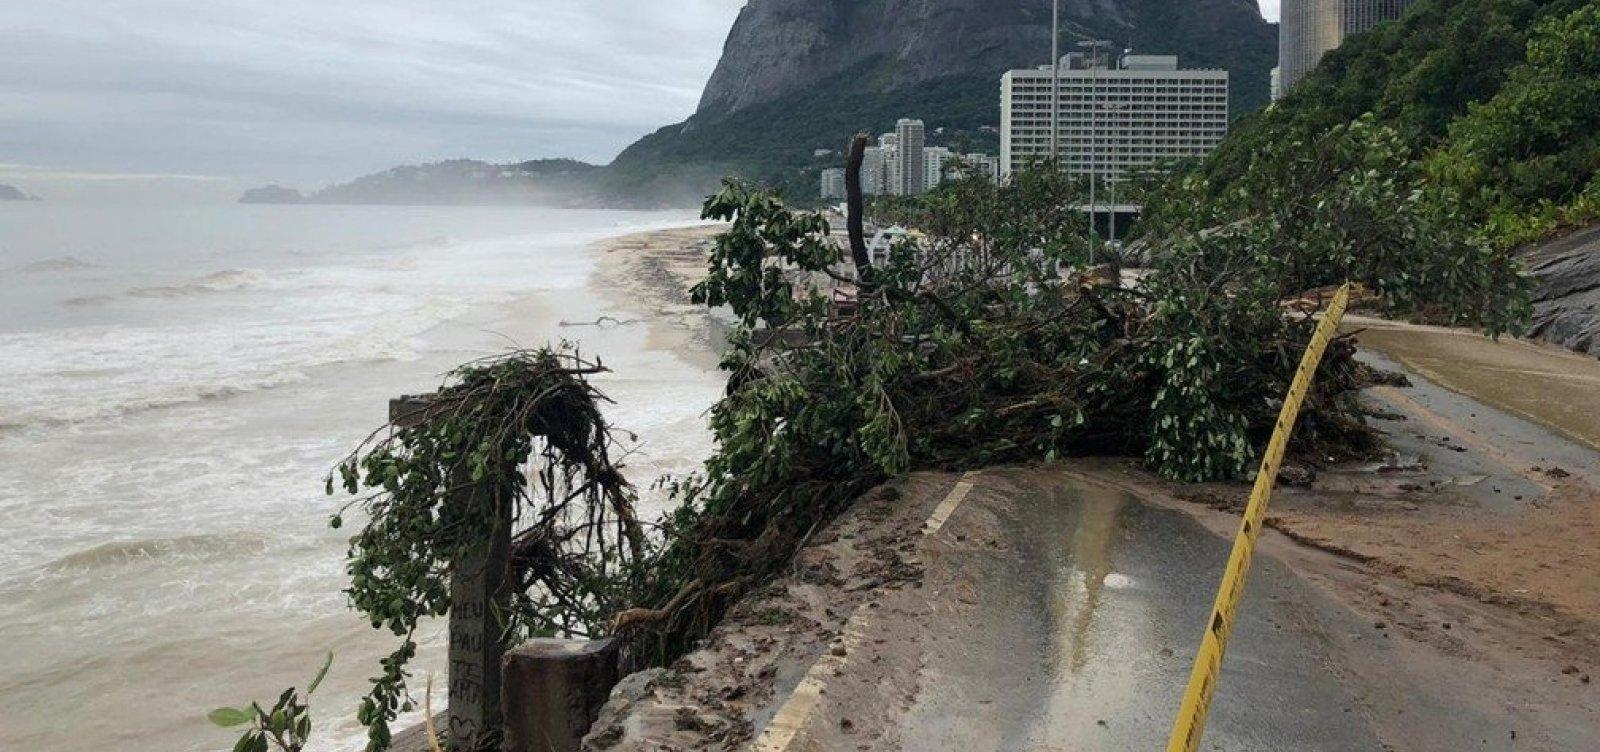 [Prefeitura do Rio reduziu em 77% as despesas com controle de enchentes nos últimos 5 anos]